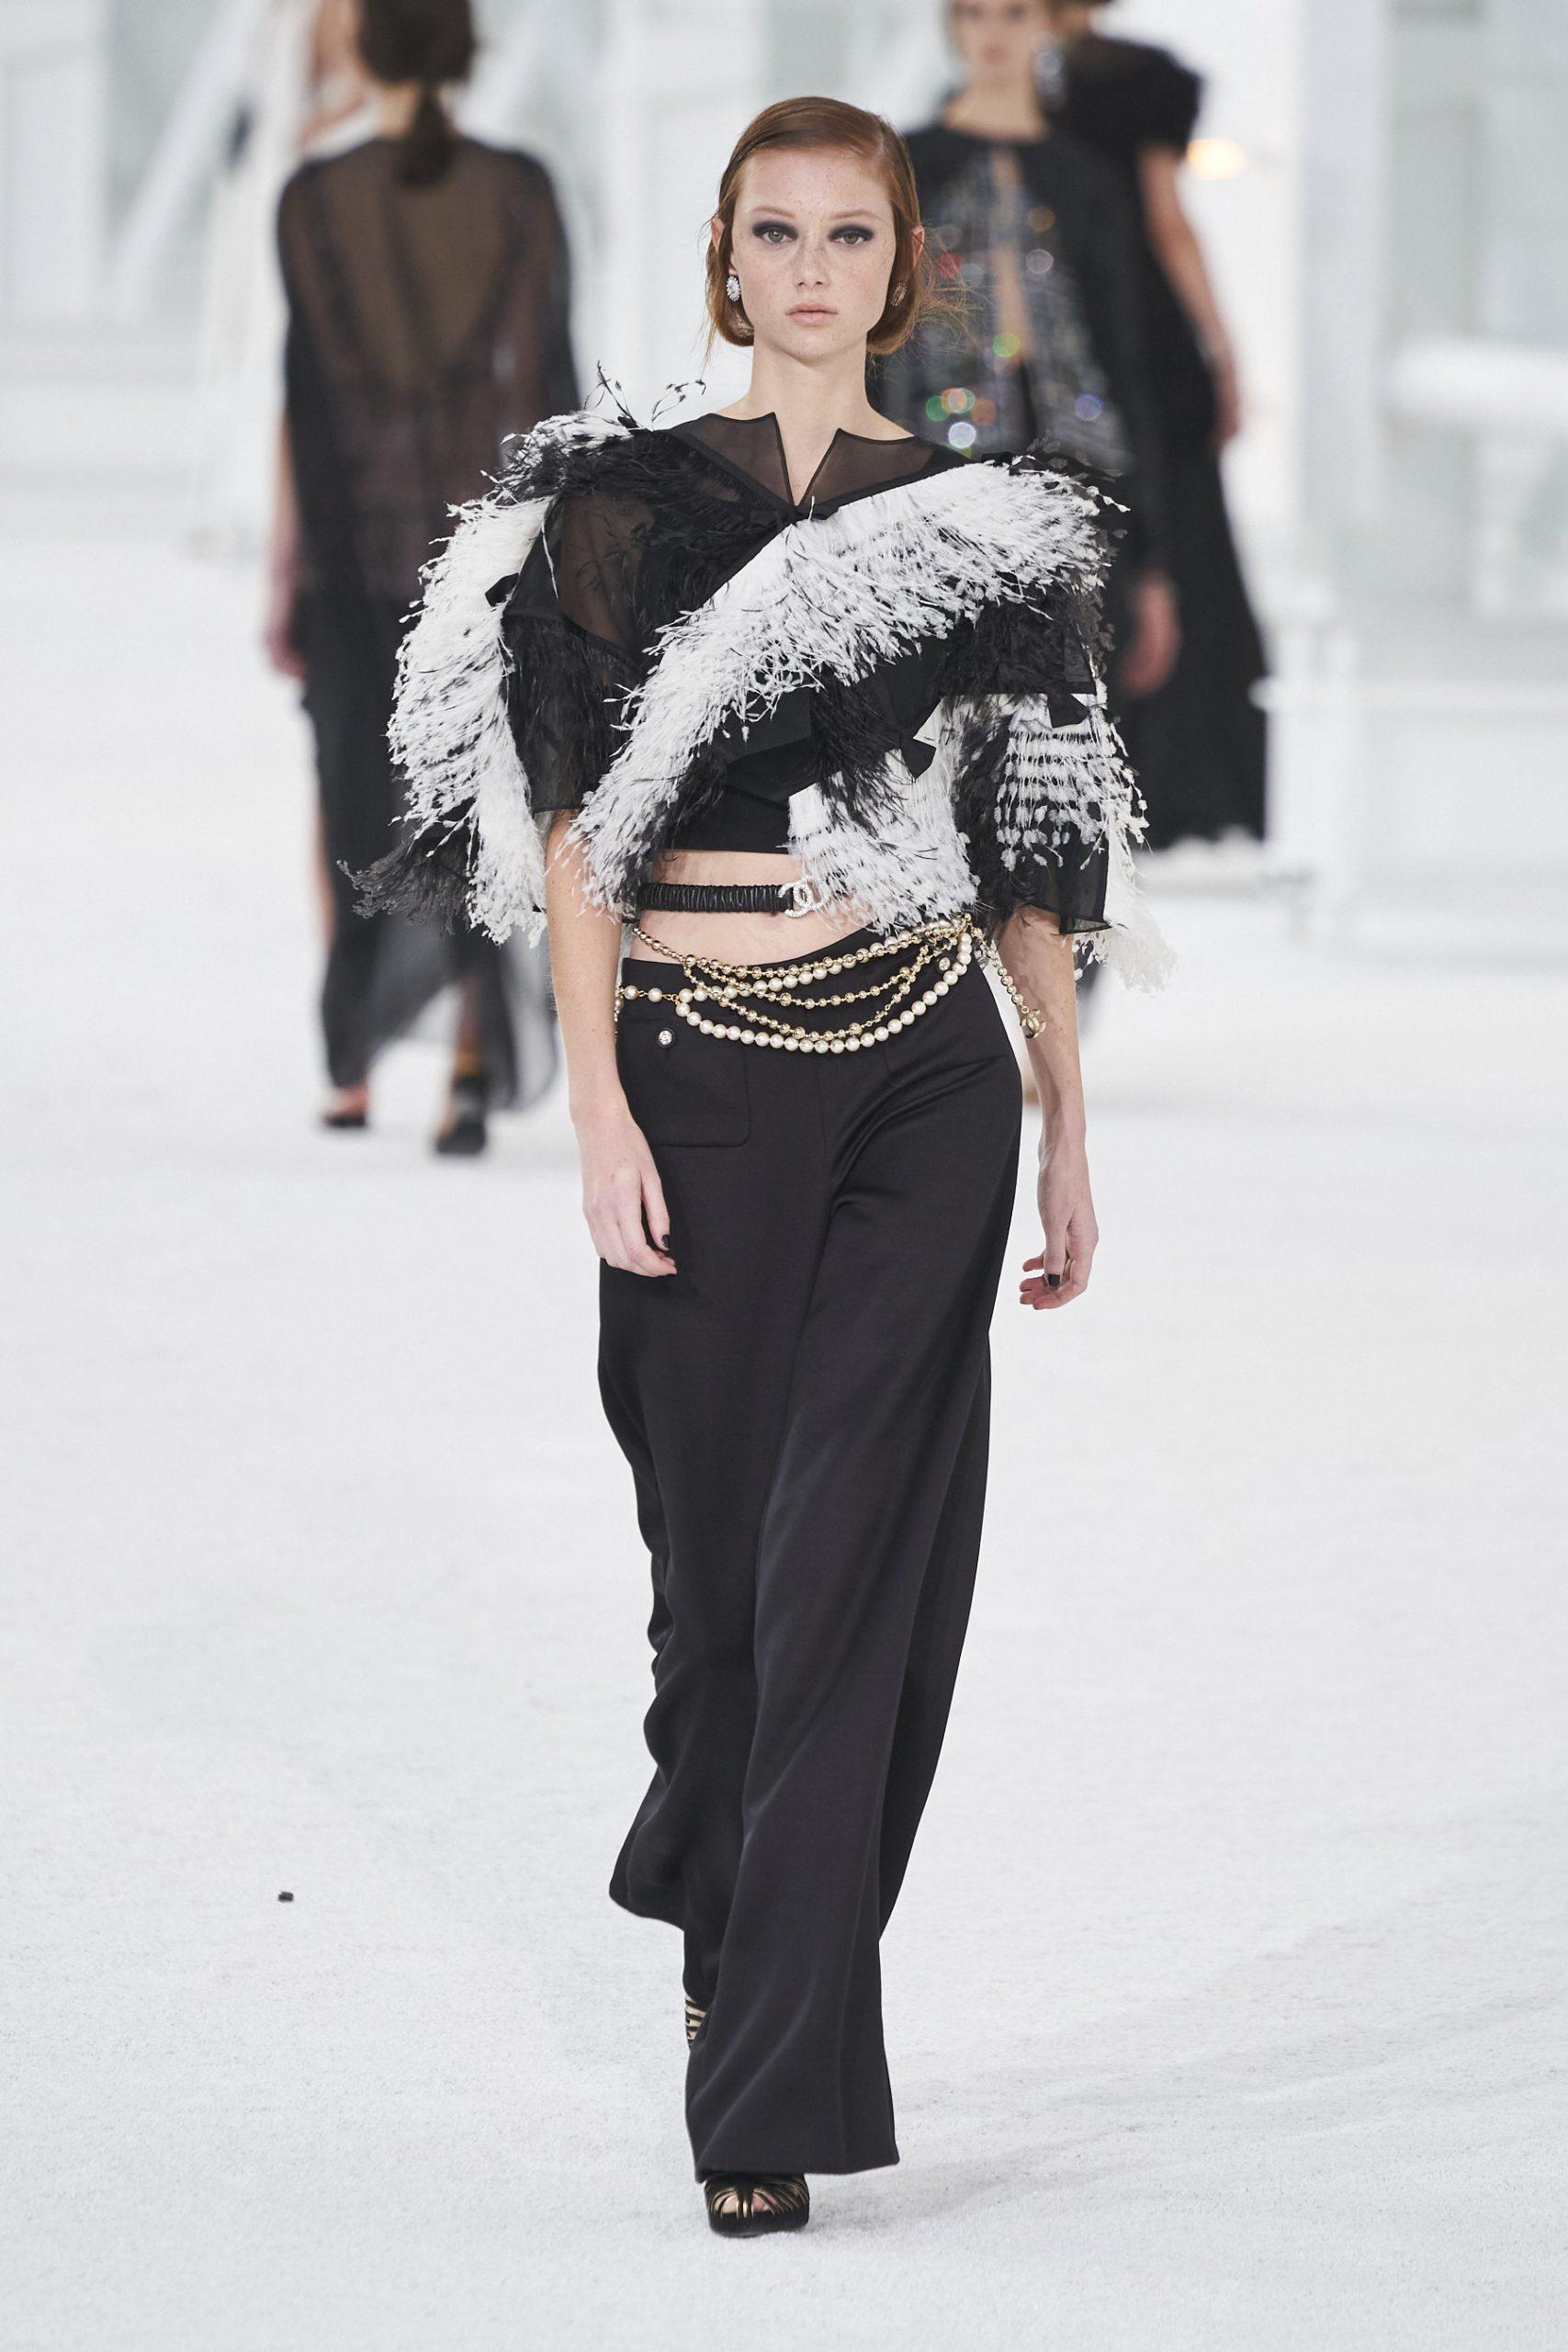 14. kép: Párizsi Divathét - Chanel - 2021 tavasz-nyár - ready to wear